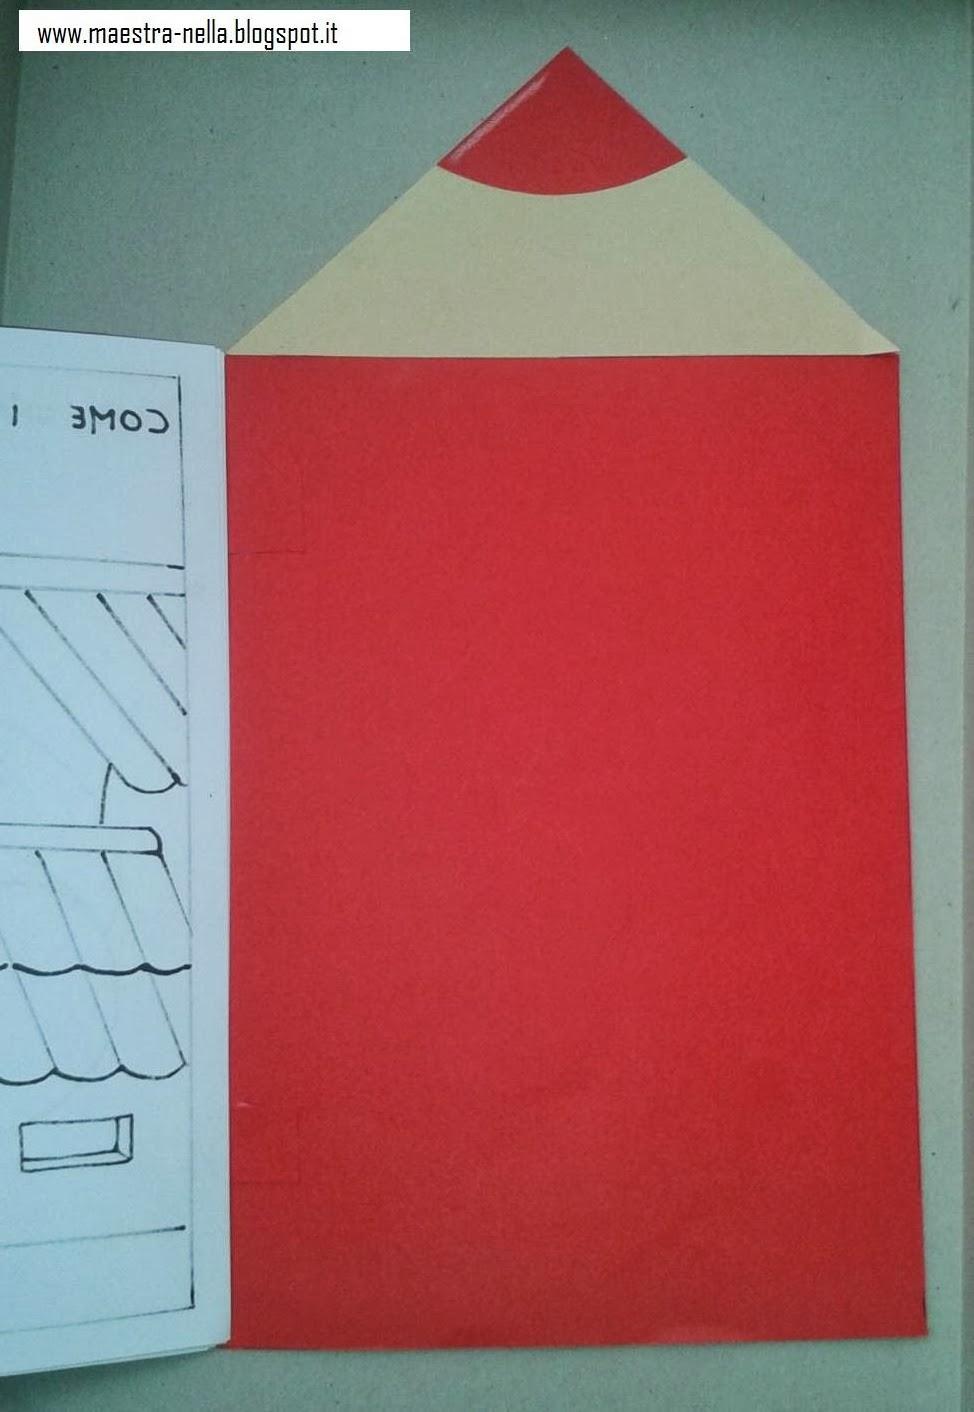 Come Si Fa Il Colore Rosso